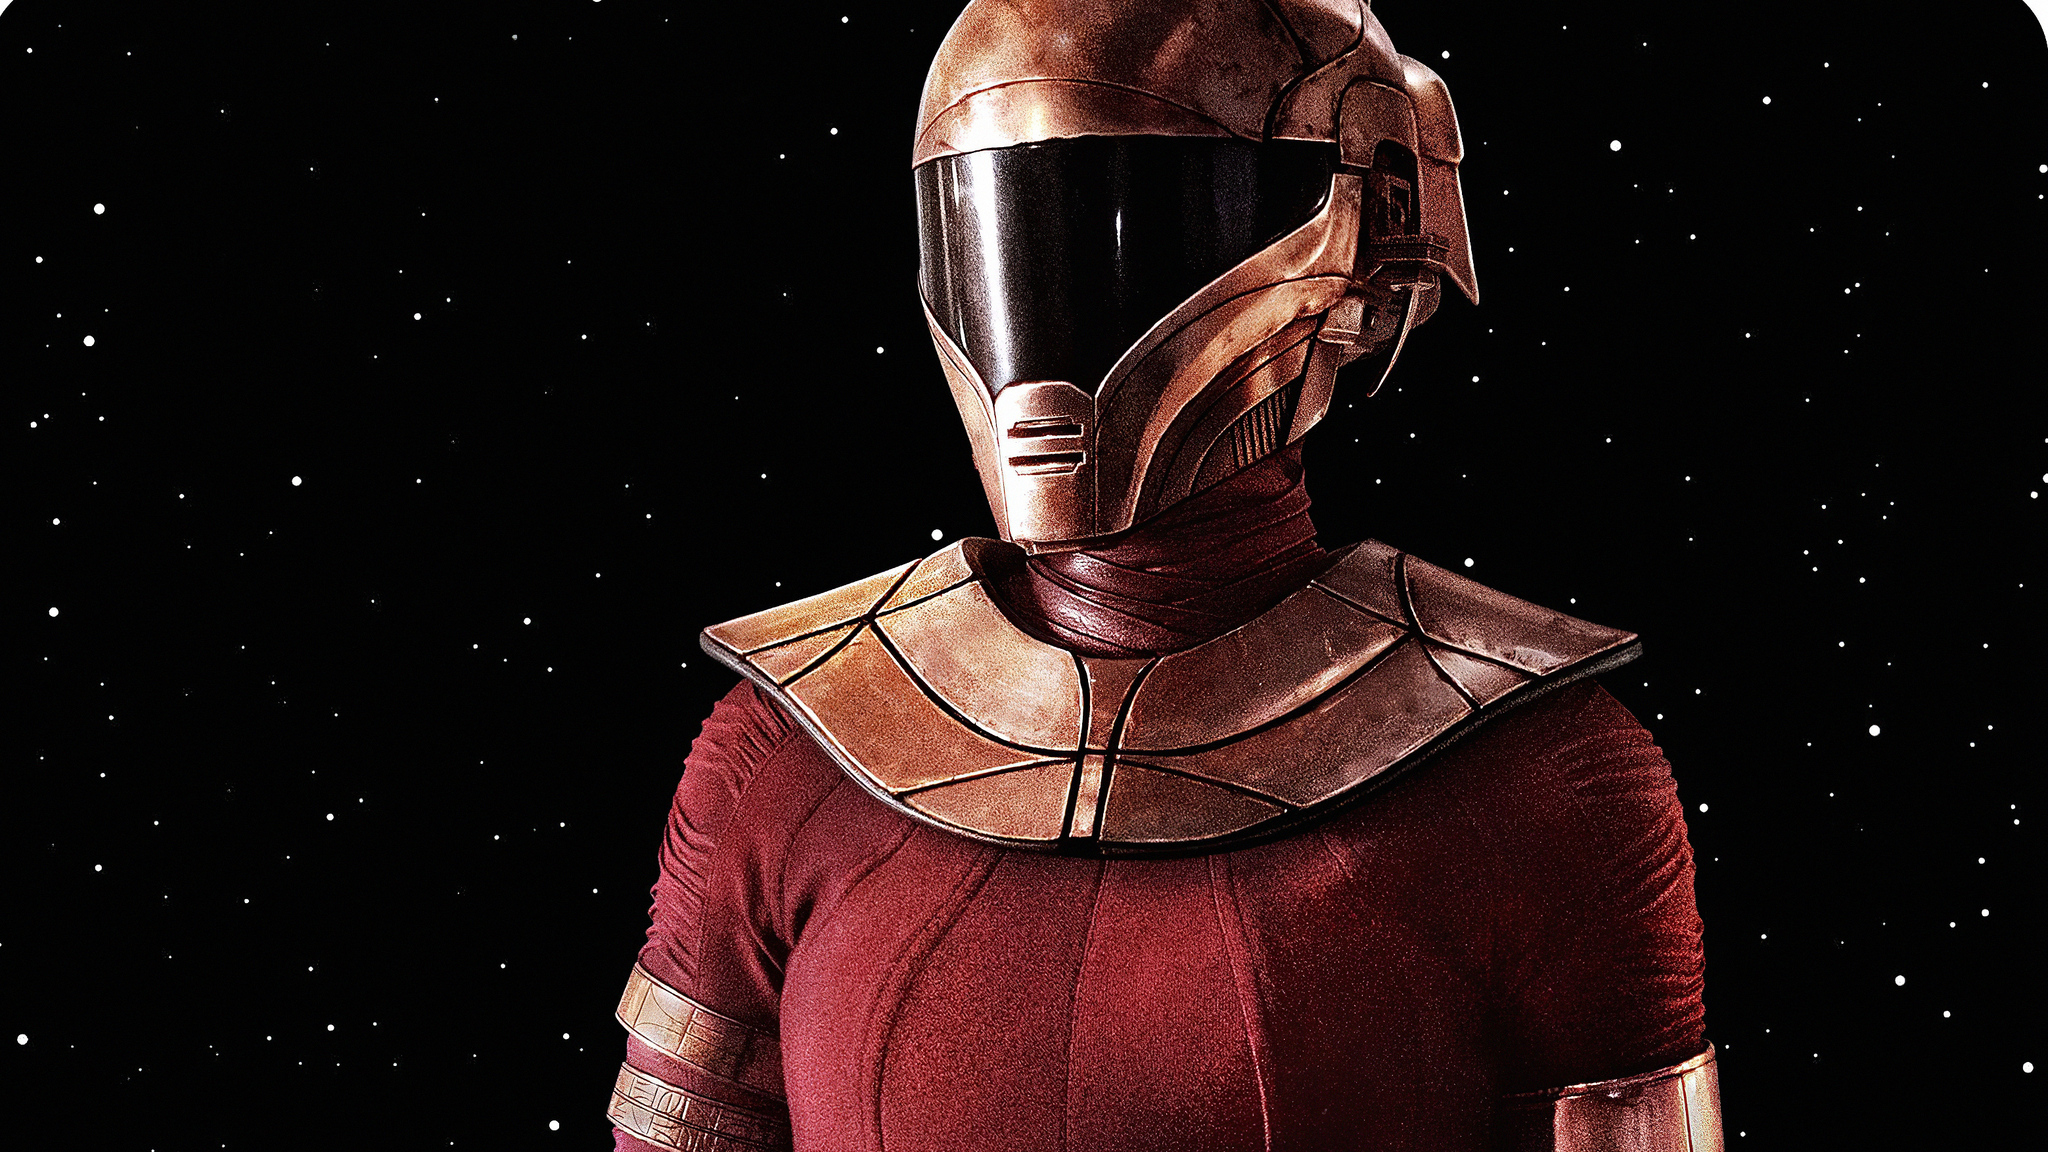 star-wars-the-rise-of-skywalker-4k-2019-poster-3k.jpg